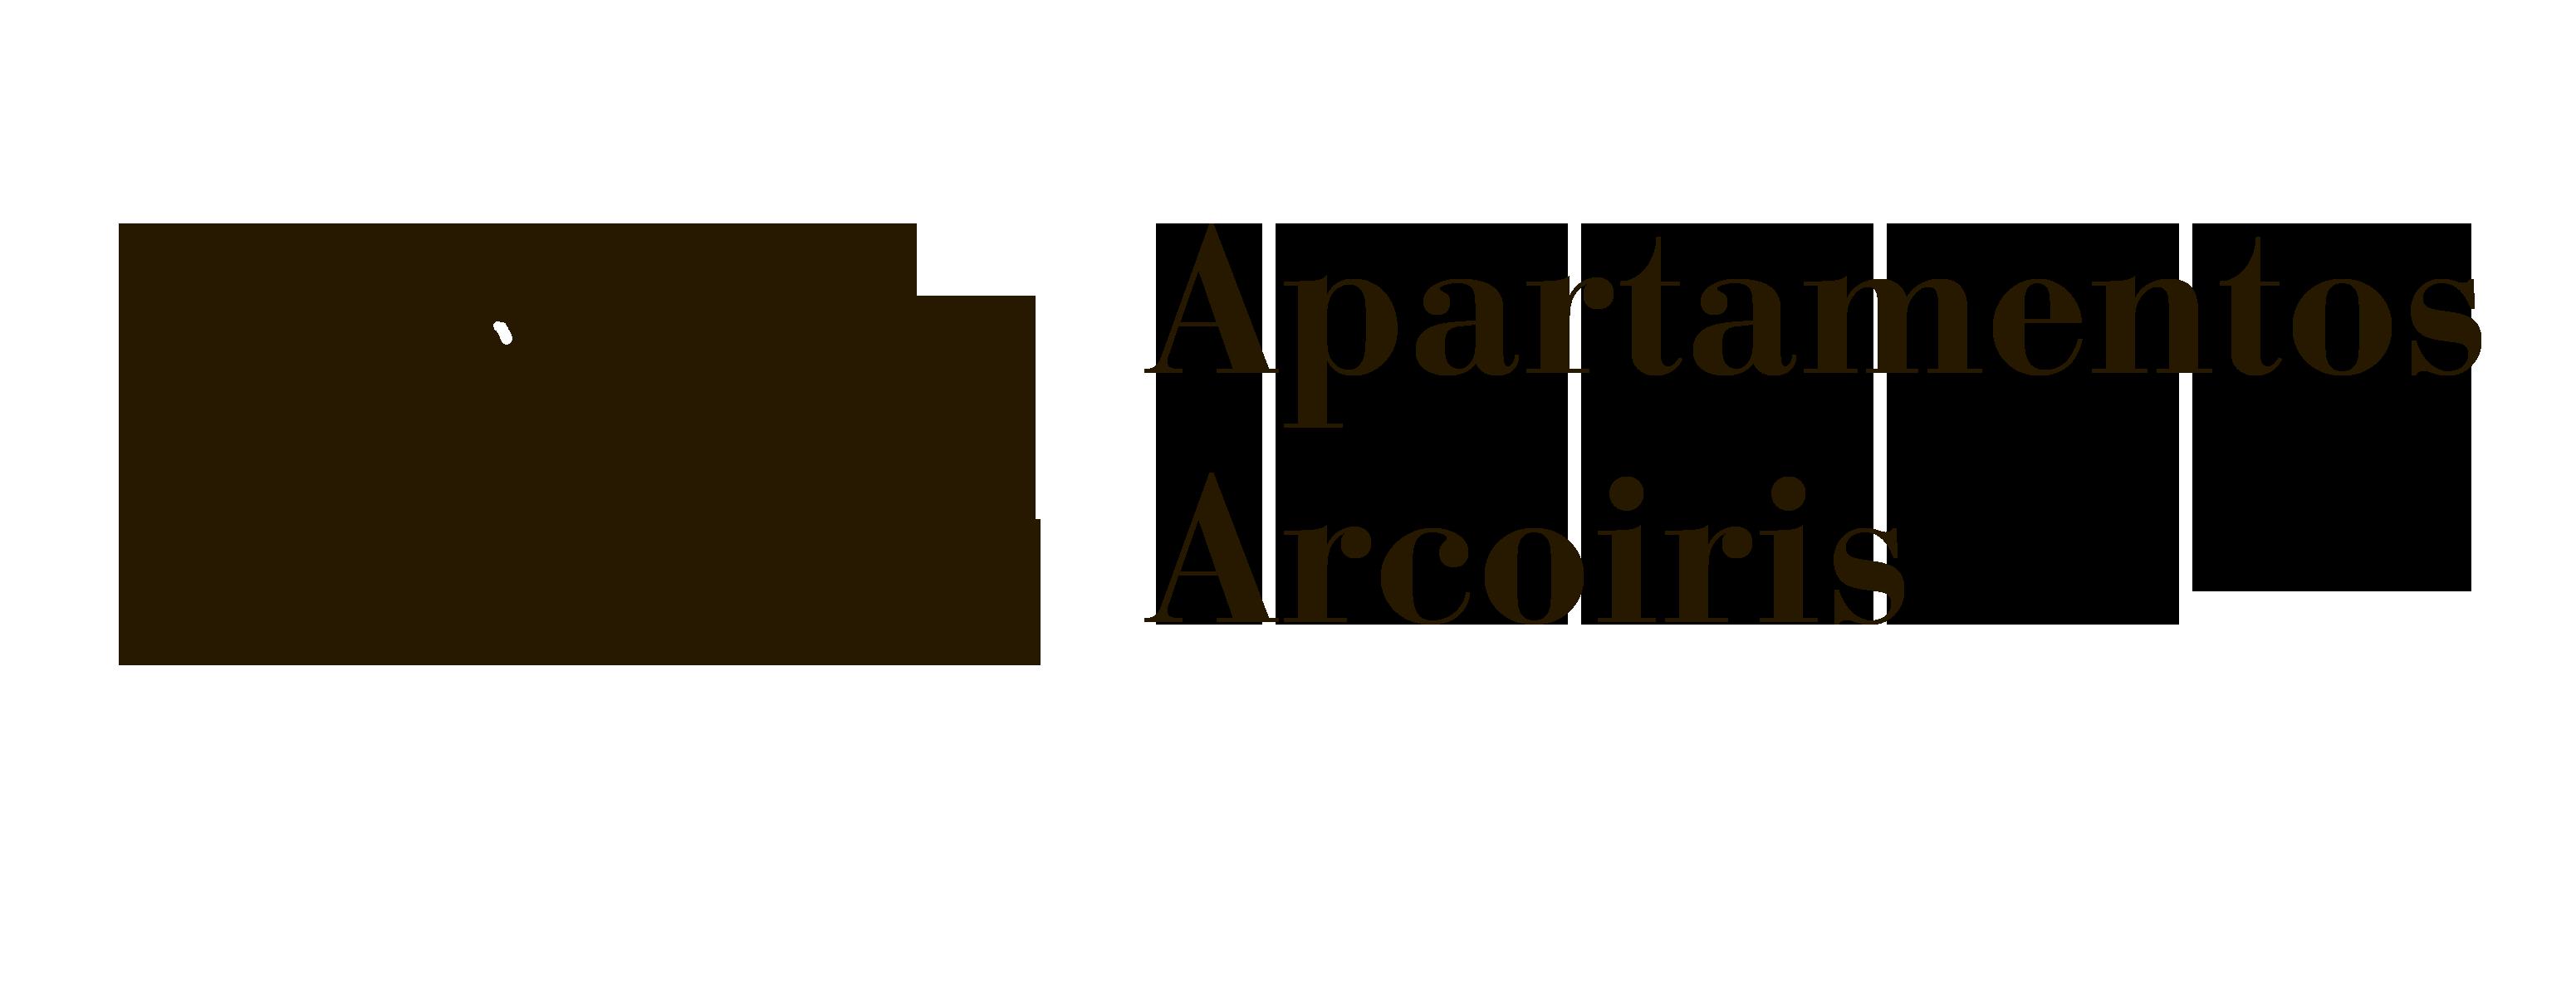 LOGO_MARRON_APARTAMENTOS_ARCOIRIS